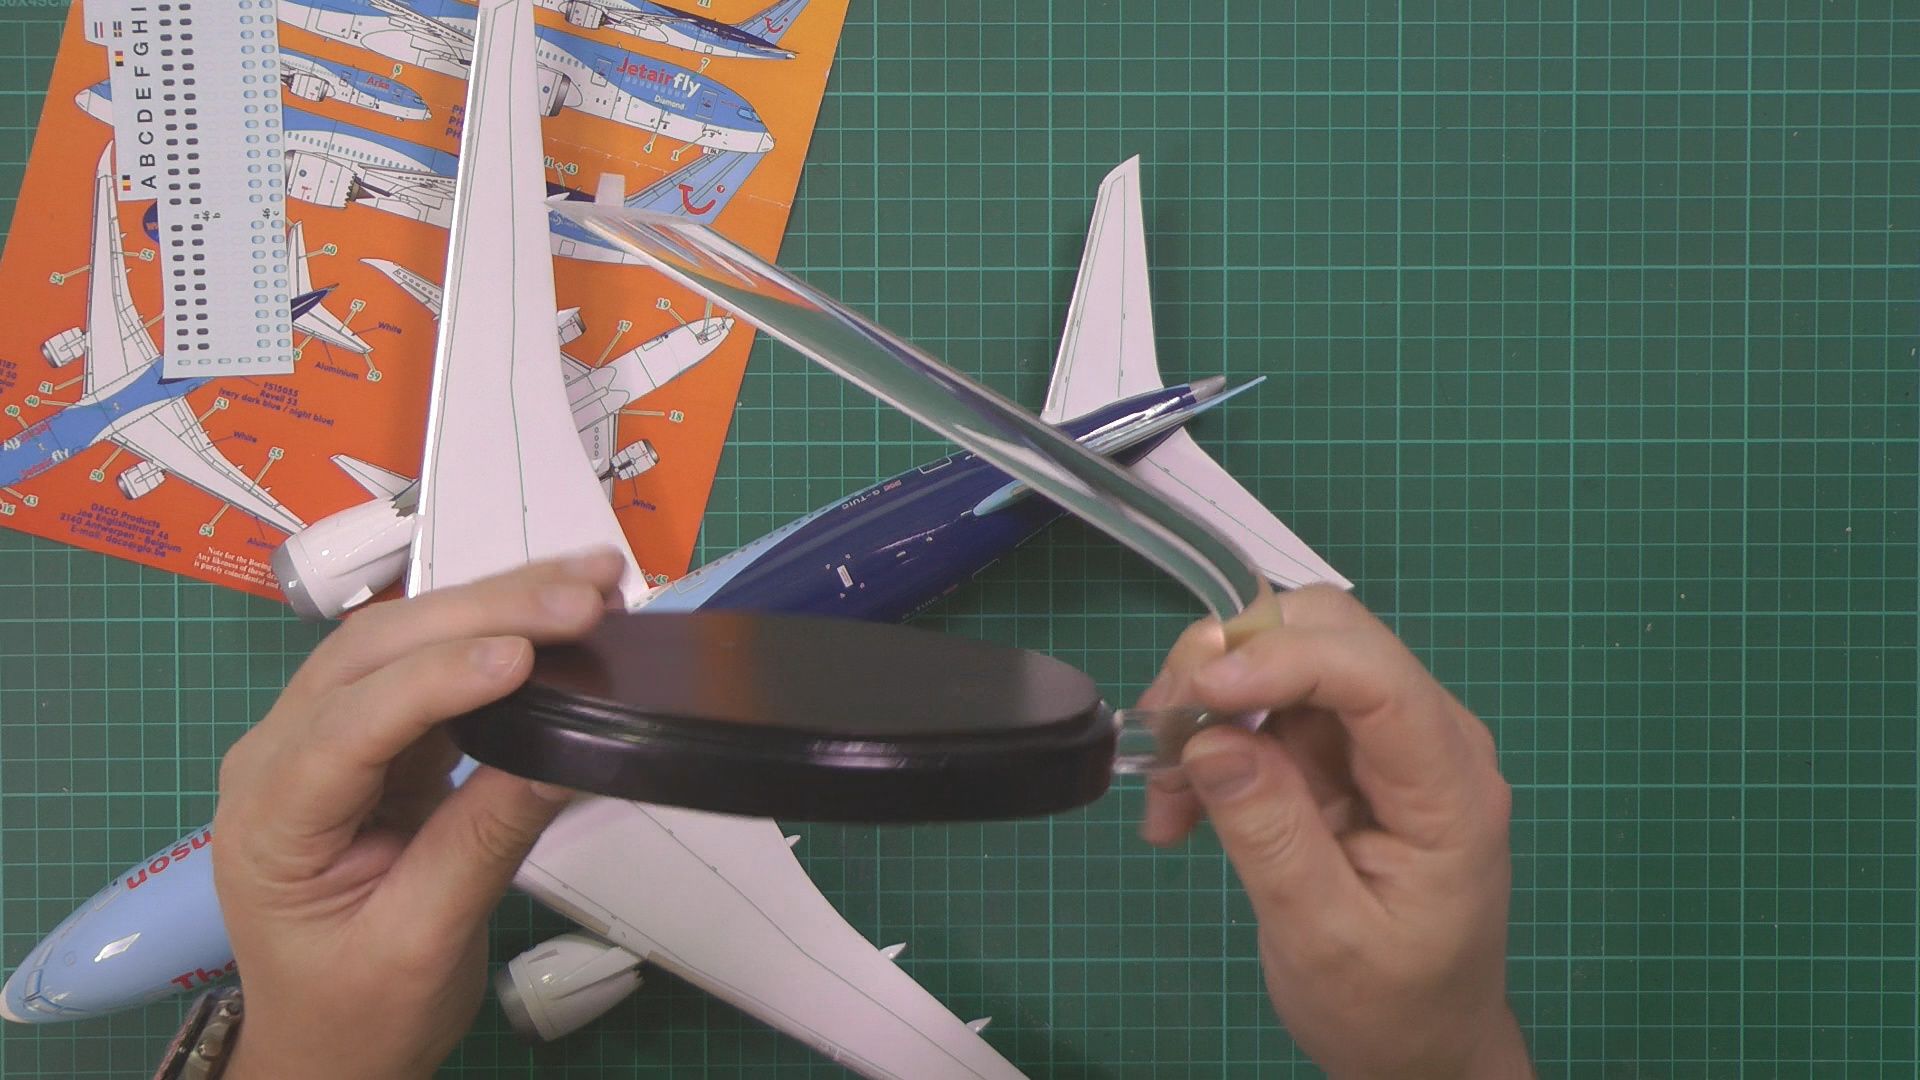 Revell 787 Dreamliner Part 7 PIC 1.jpg